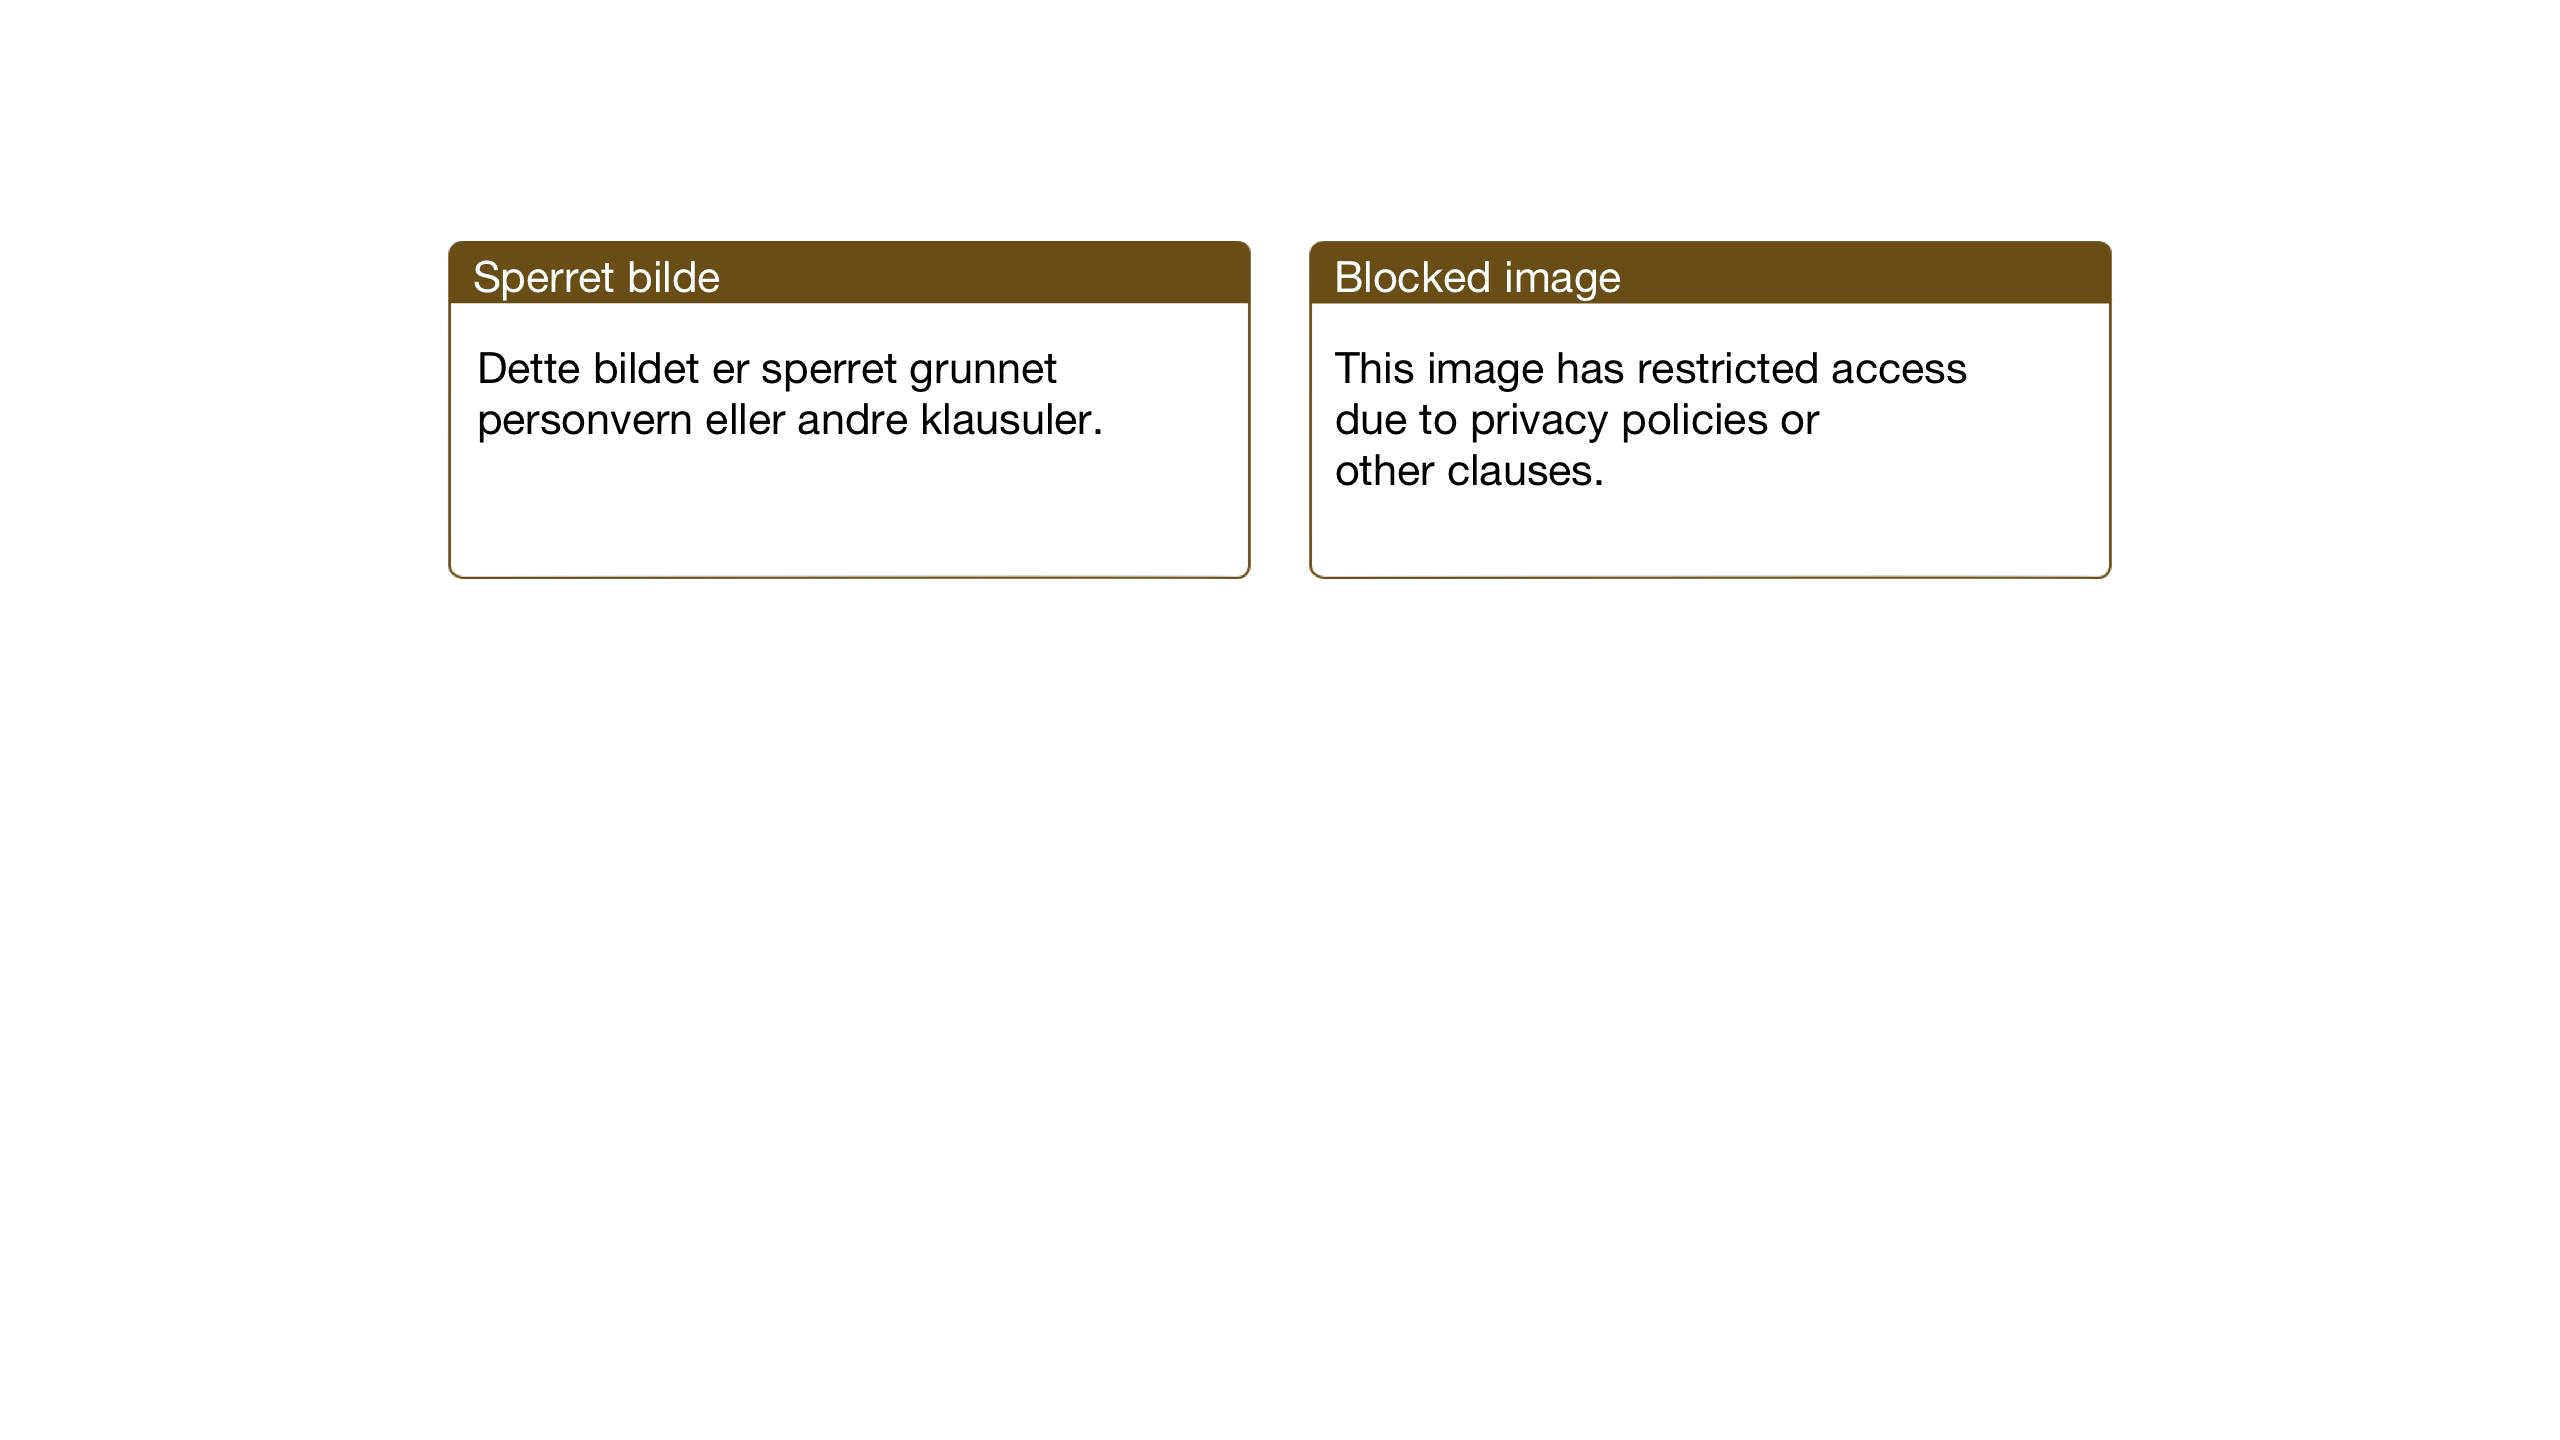 SAT, Ministerialprotokoller, klokkerbøker og fødselsregistre - Sør-Trøndelag, 602/L0150: Klokkerbok nr. 602C18, 1922-1949, s. 178